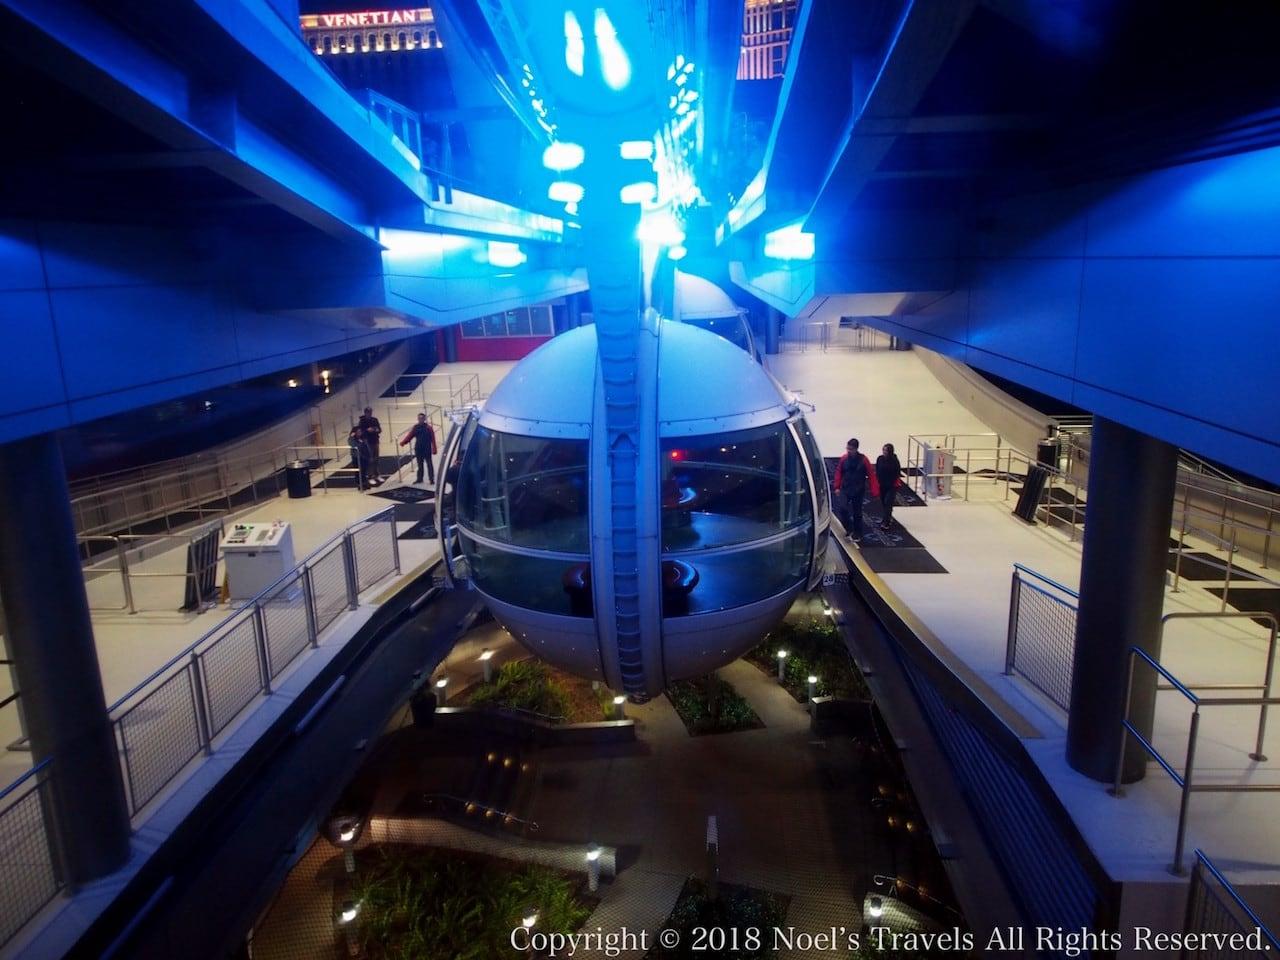 世界最大の観覧車「ハイローラー」のキャビン